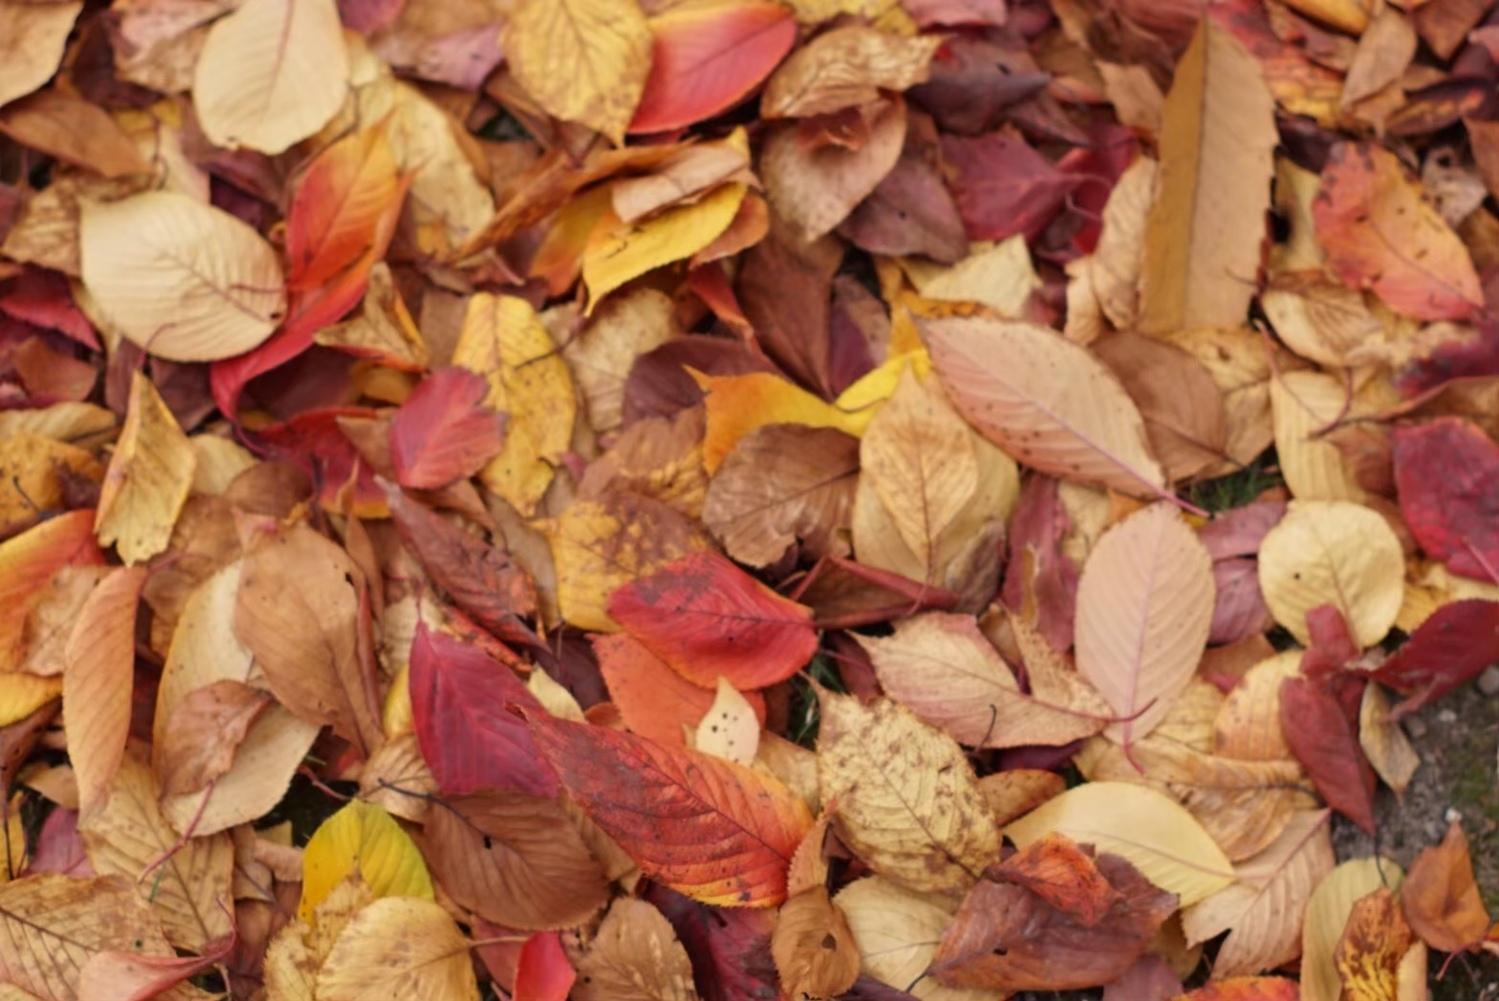 深まる秋を象徴するような茶色